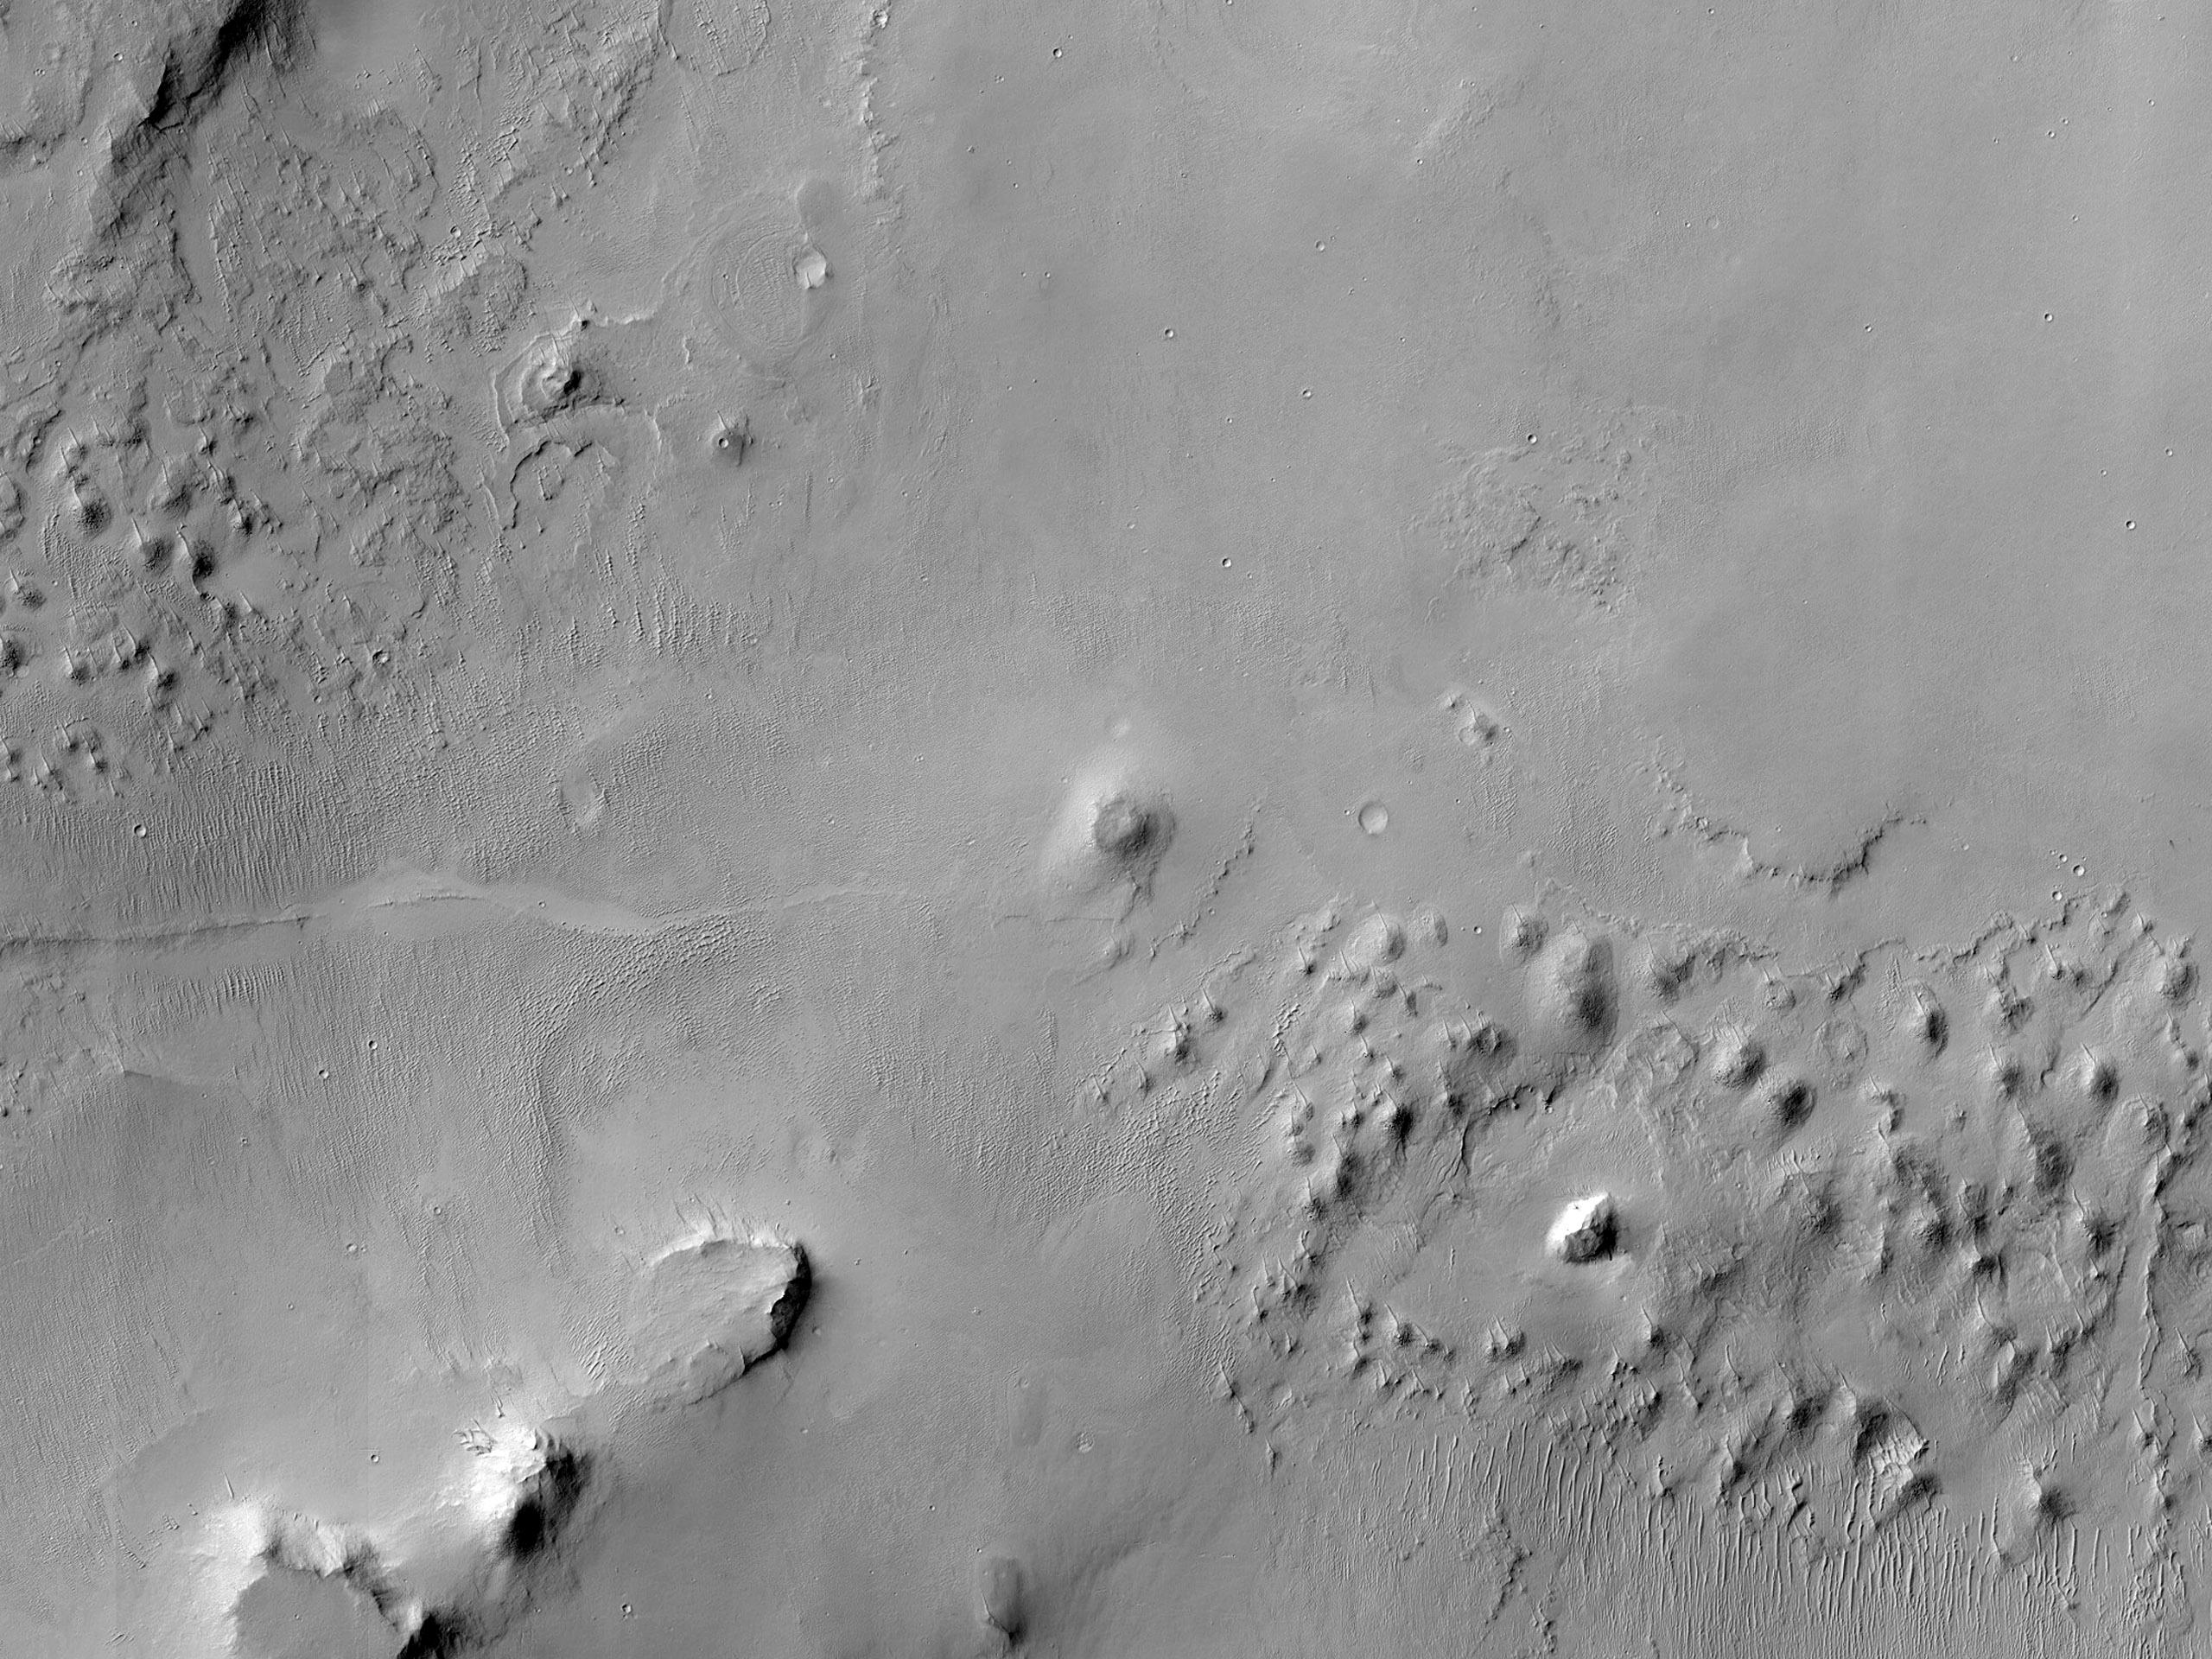 שטח בין מכתשים במרכז של ארץ טרה ערביה (Arabia Terra)